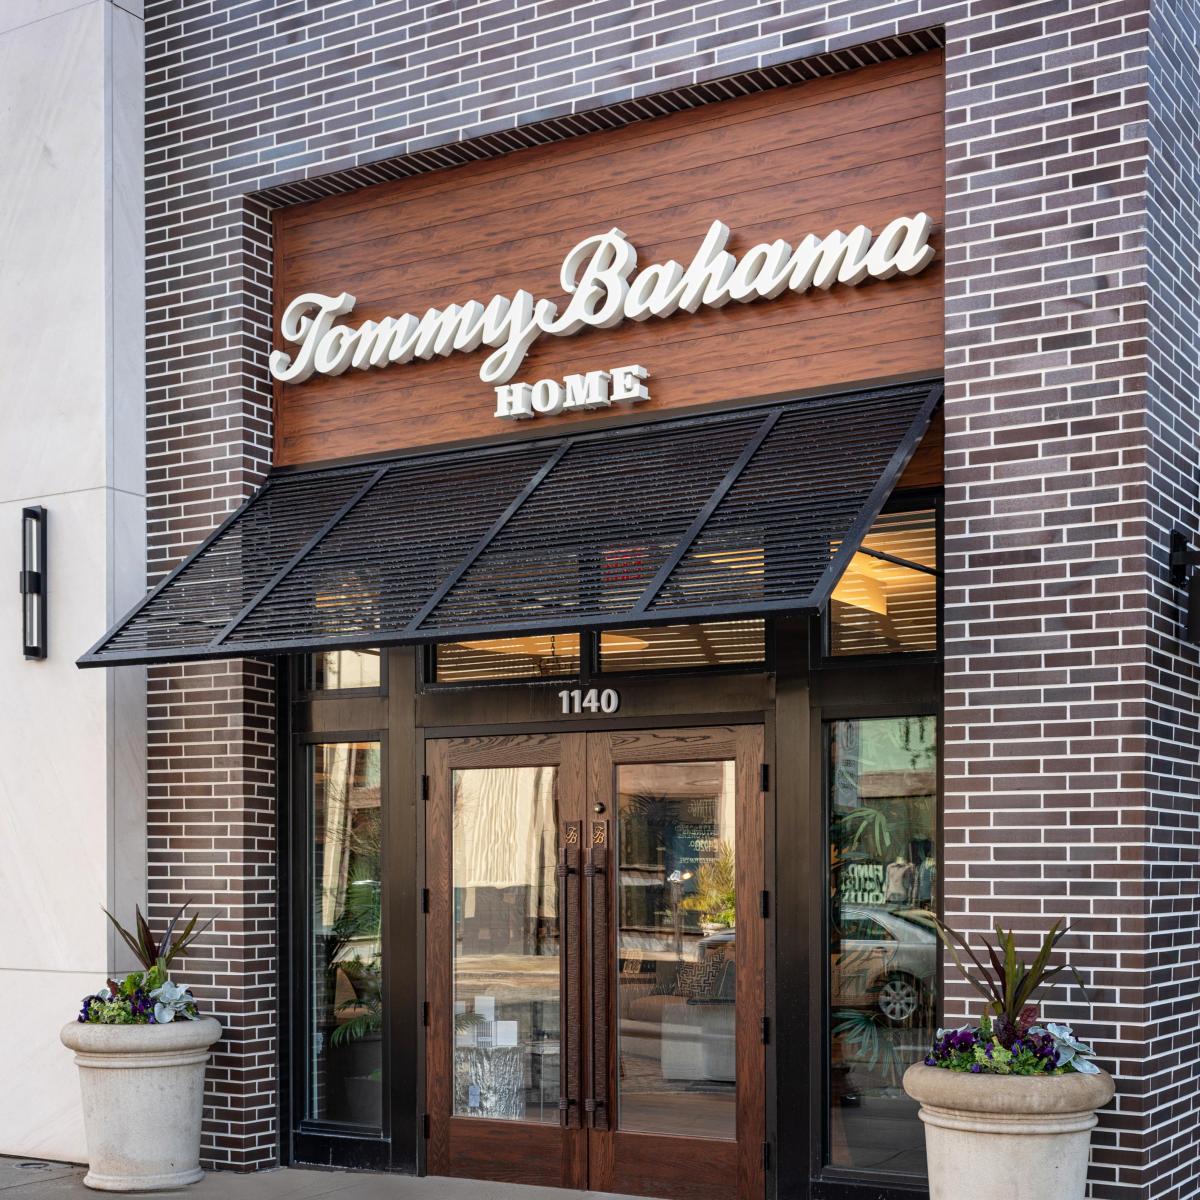 Tommy Bahama Storefront